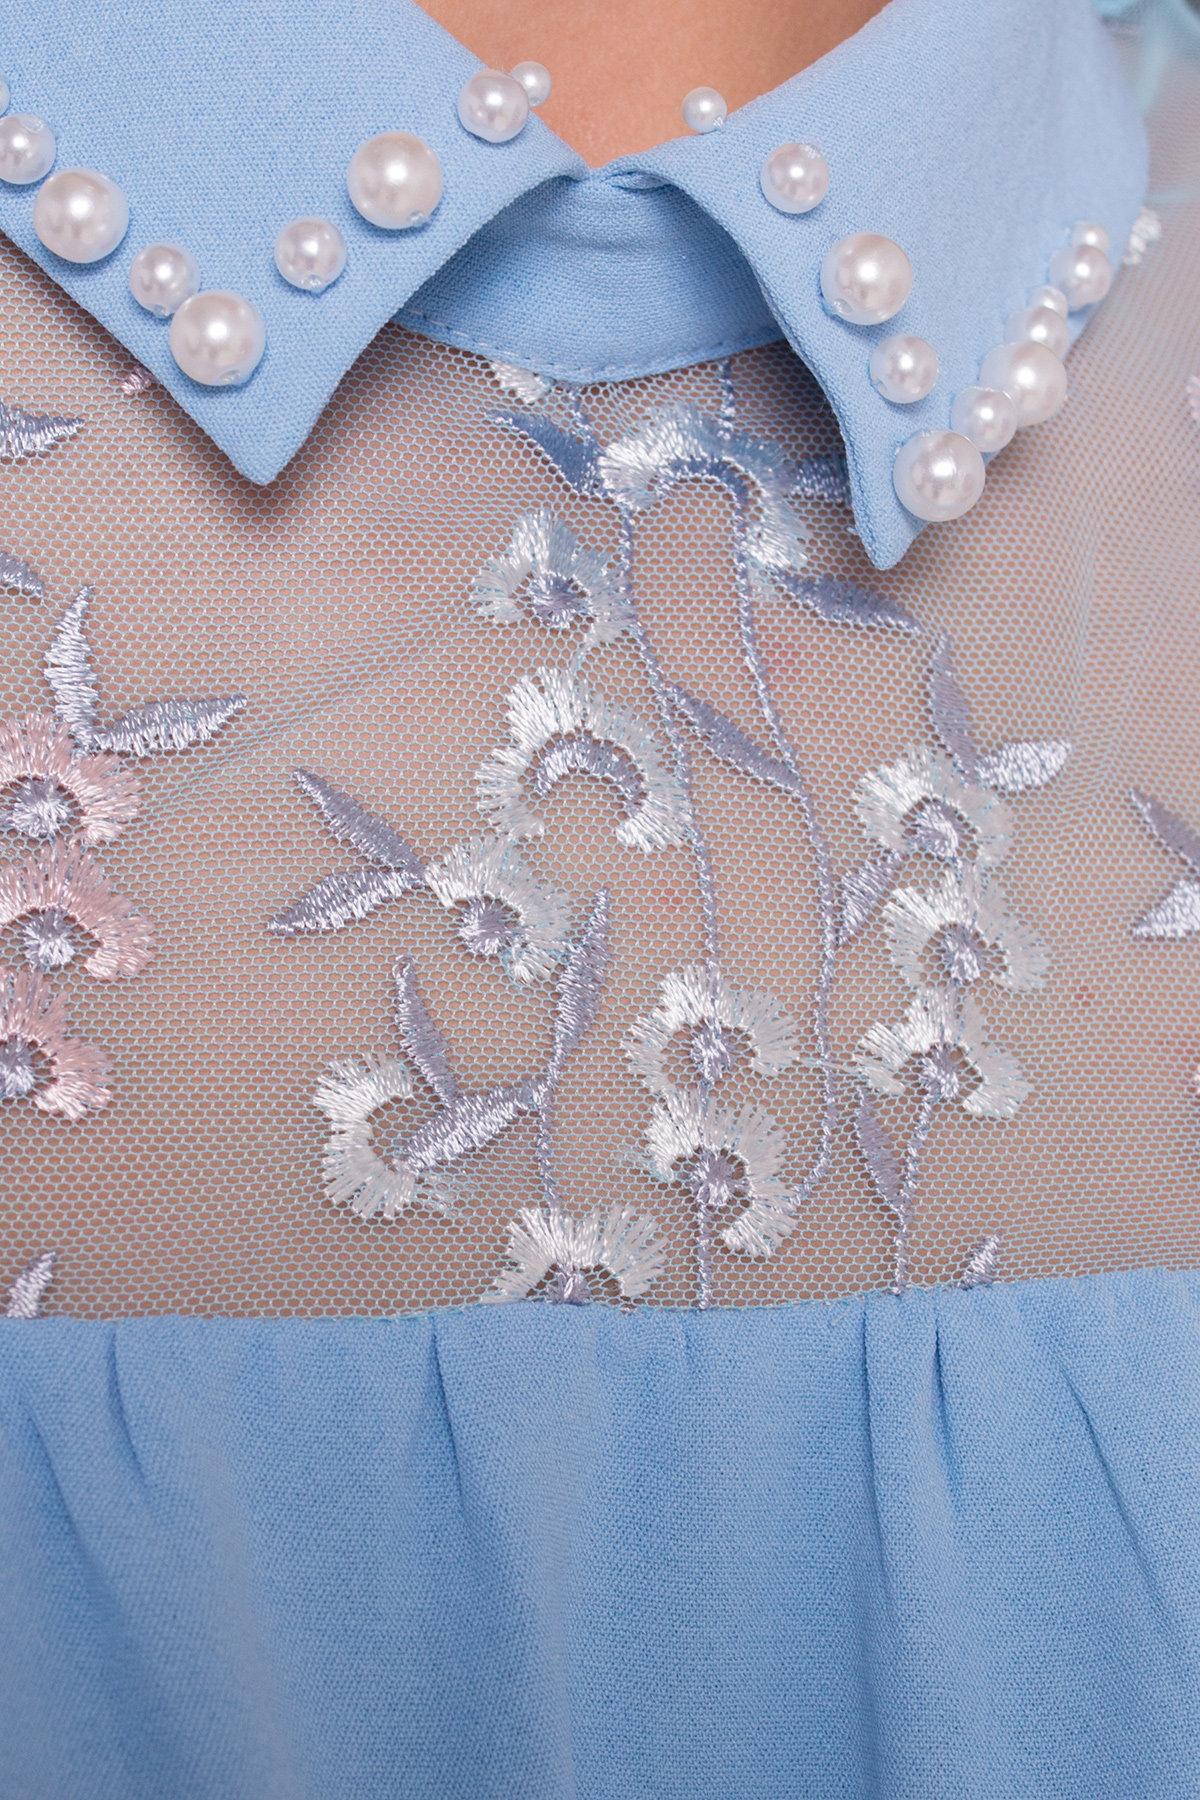 Блуза Джету 5127 АРТ. 35999 Цвет: Голубой - фото 4, интернет магазин tm-modus.ru